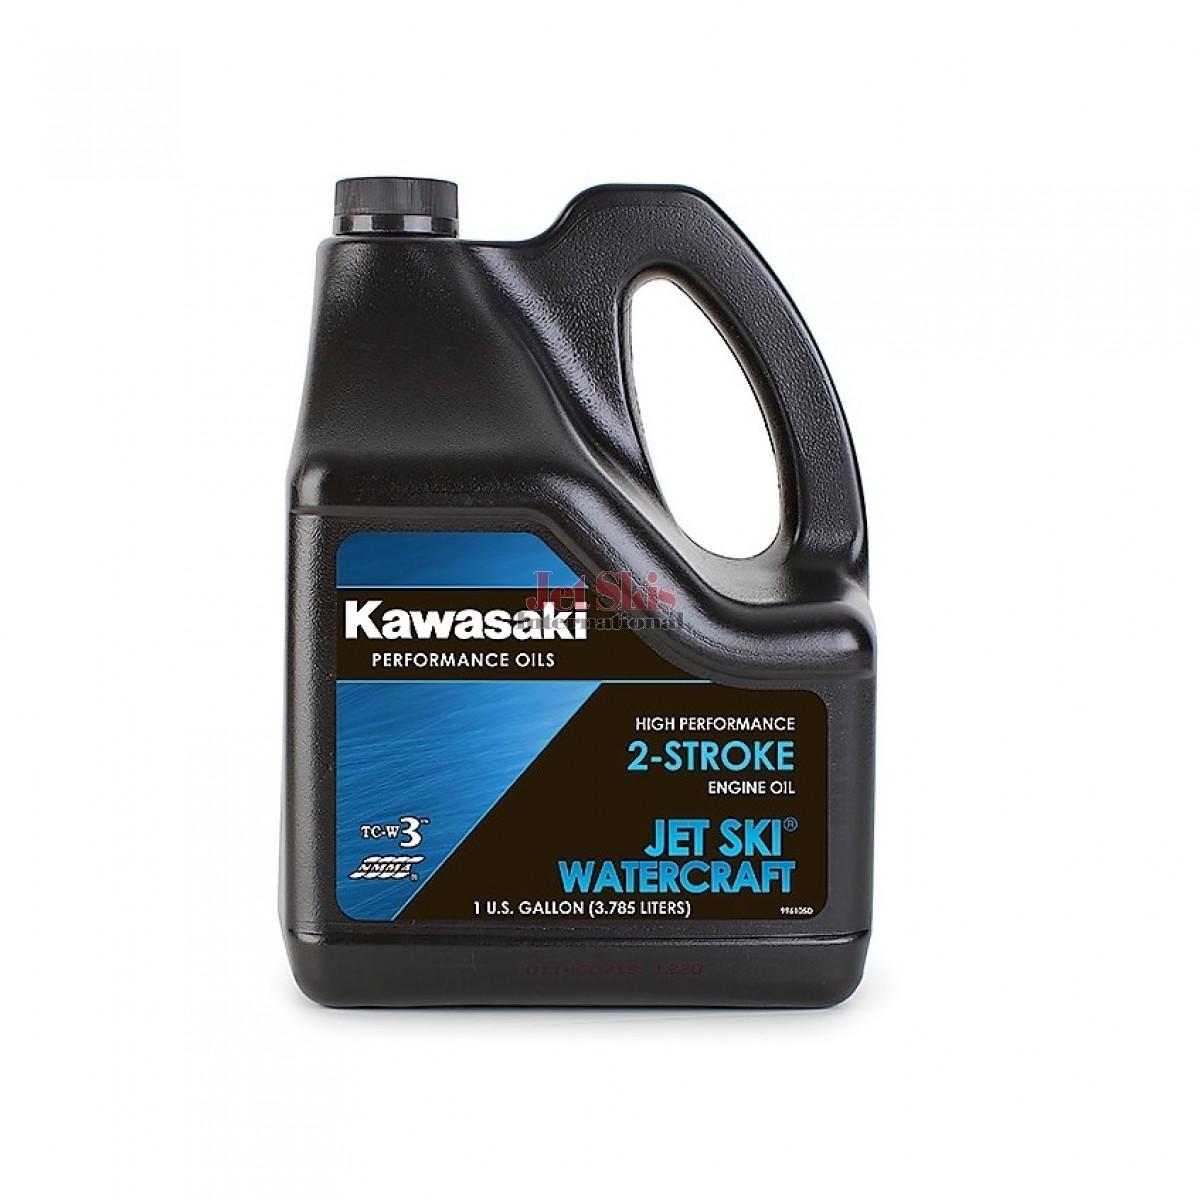 W61020 305 2 Stroke Jet SkiR Watercraft Oil By Kawasaki